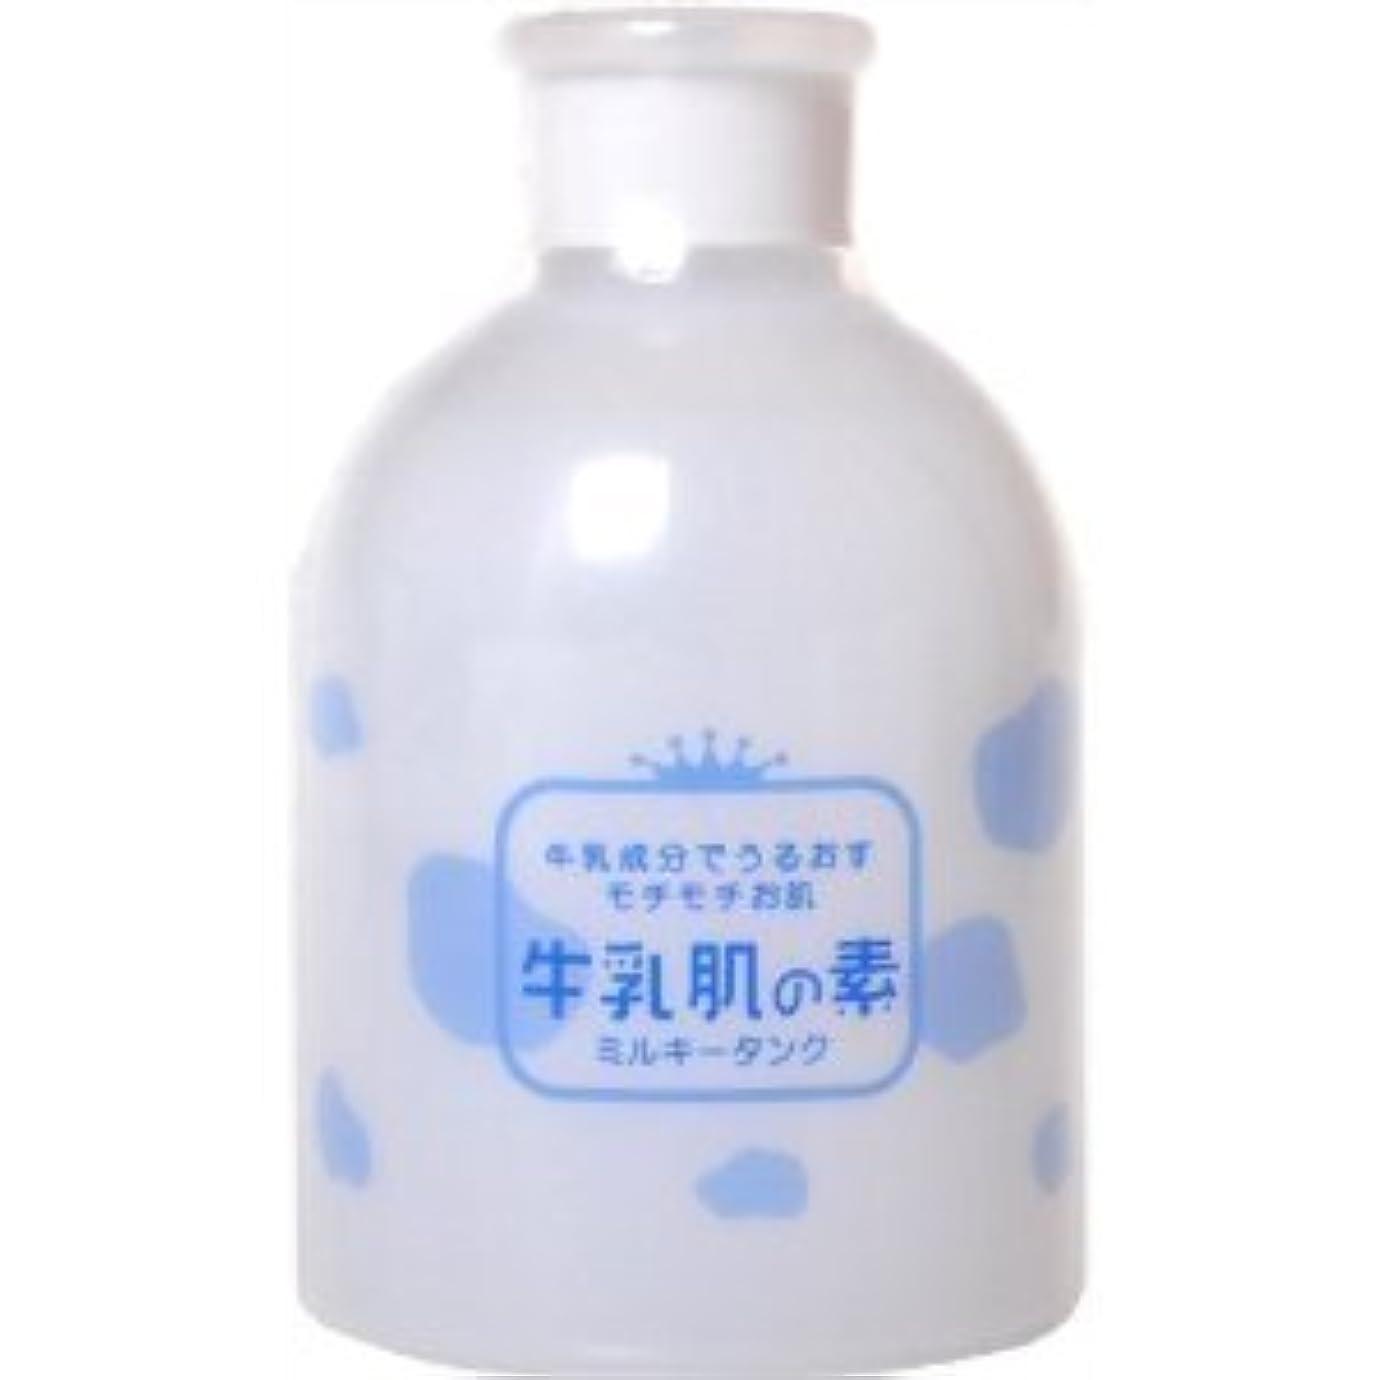 せっかちハイライト一口牛乳肌の素 ミルキータンク(化粧水) 300ml×4個セット